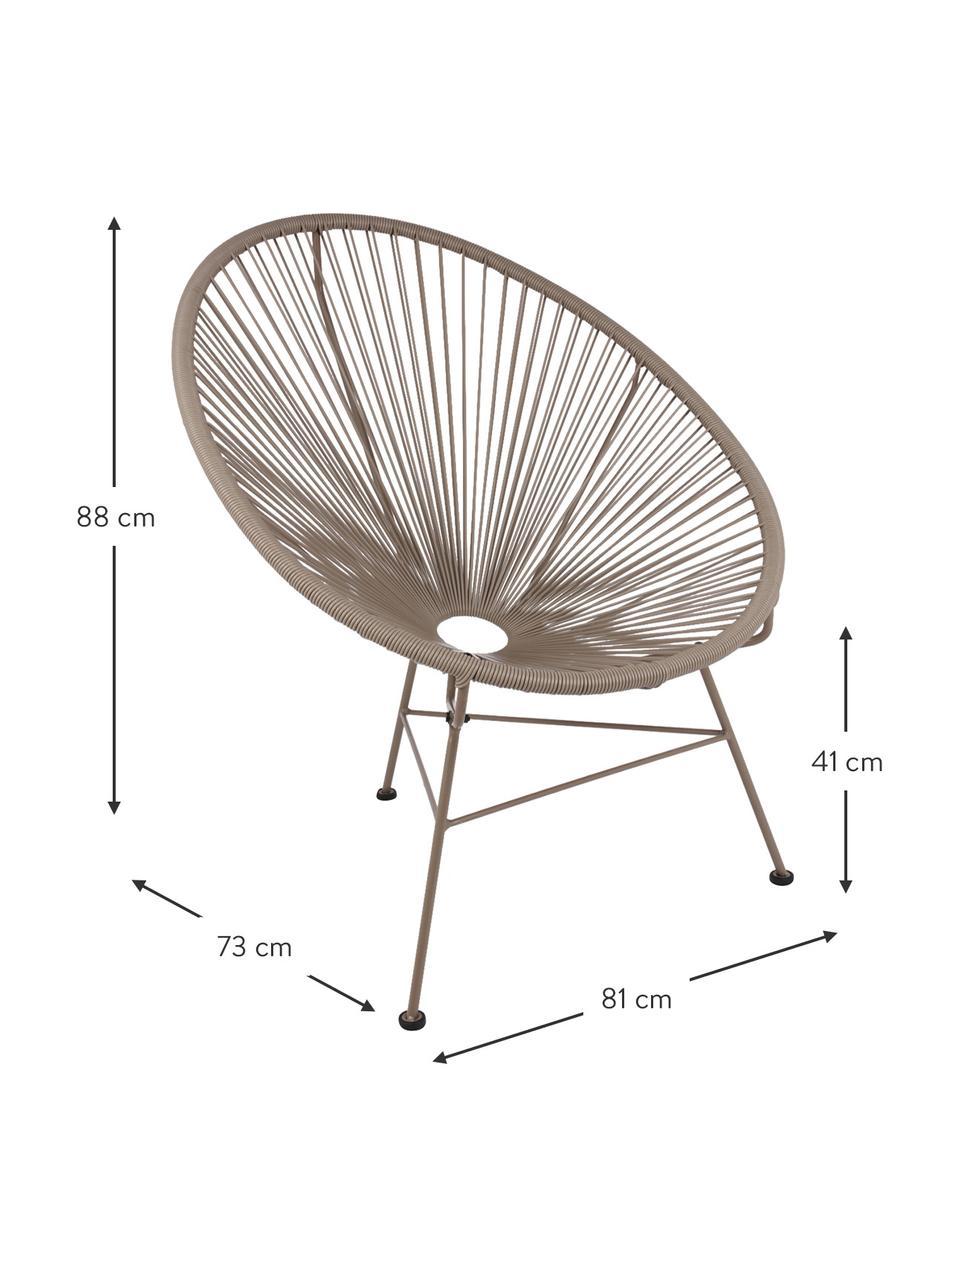 Fotel wypoczynkowy ze splotu z tworzywa sztucznego Bahia, Taupe, S 81 x G 73 cm